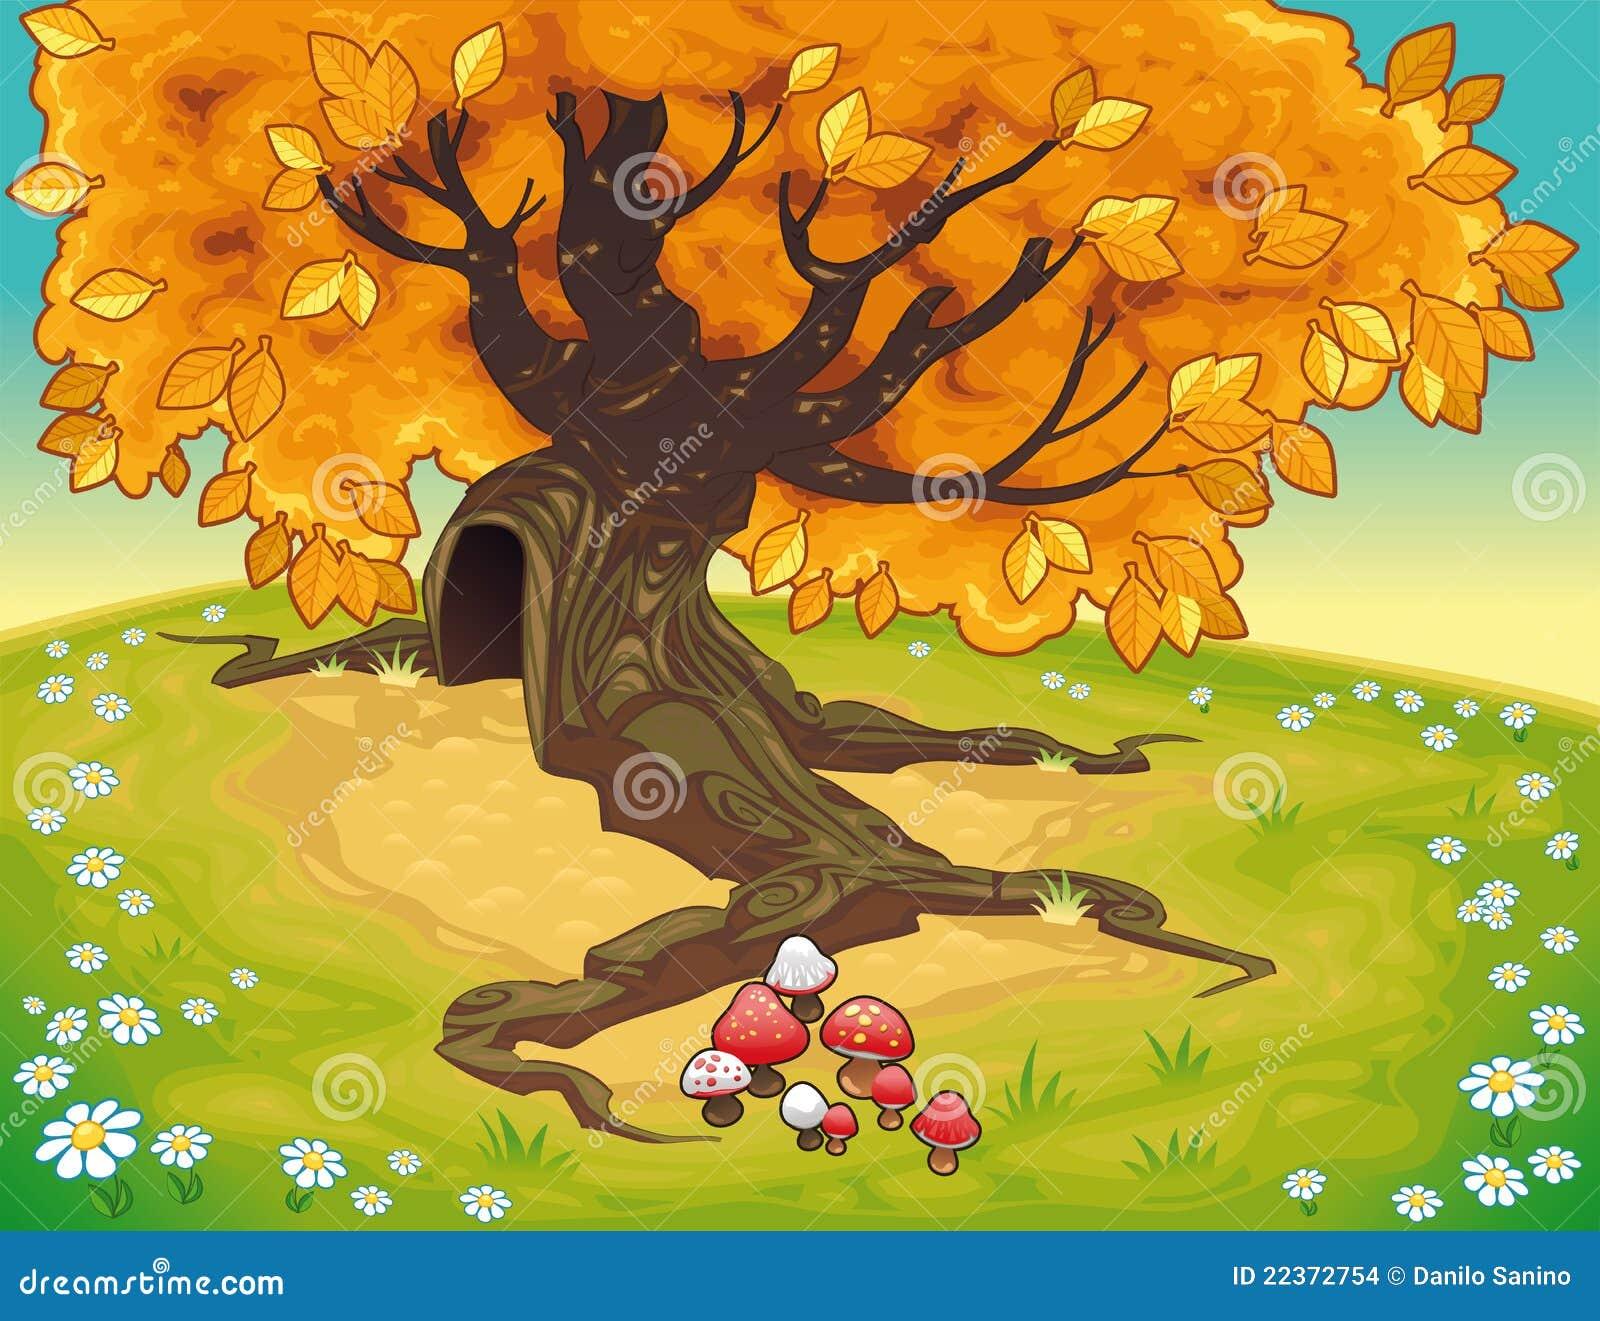 Baum in der herbstlichen Landschaft.